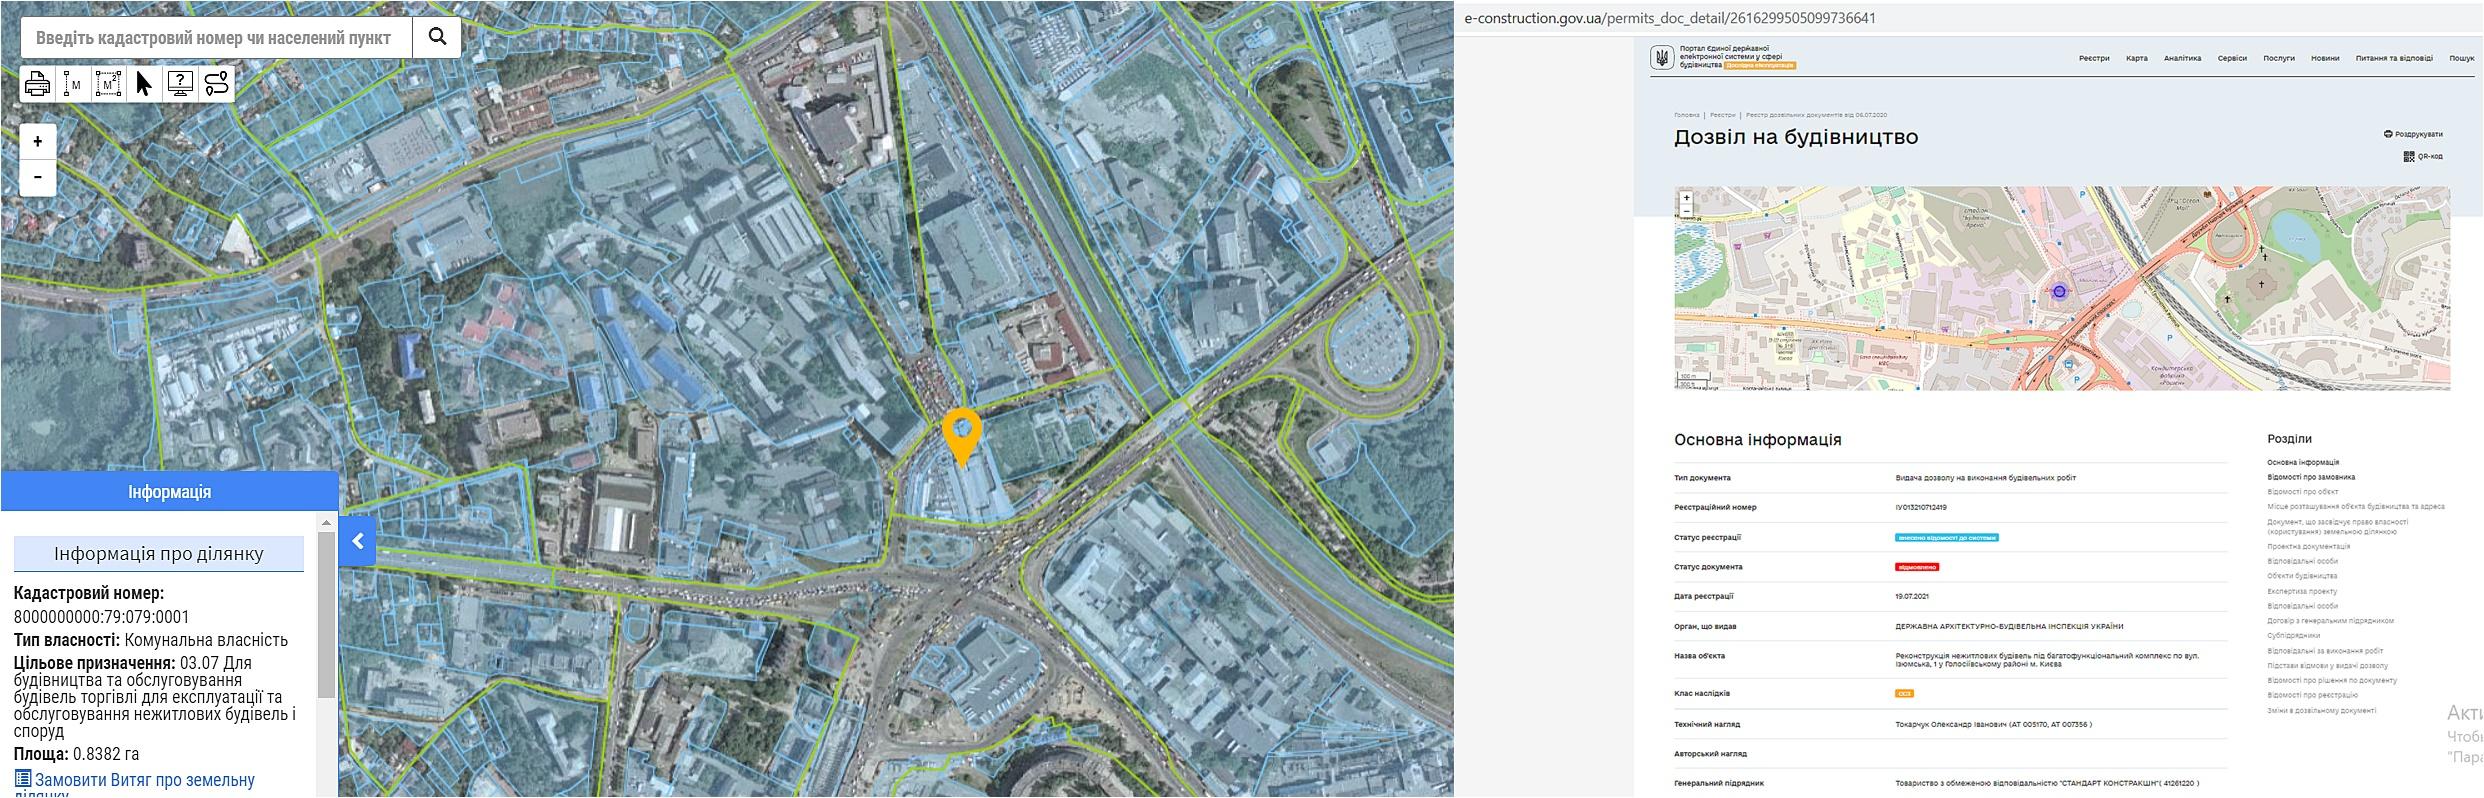 Проект по ул. Изюмская, 1 данные кадастра и разрешение на строительство